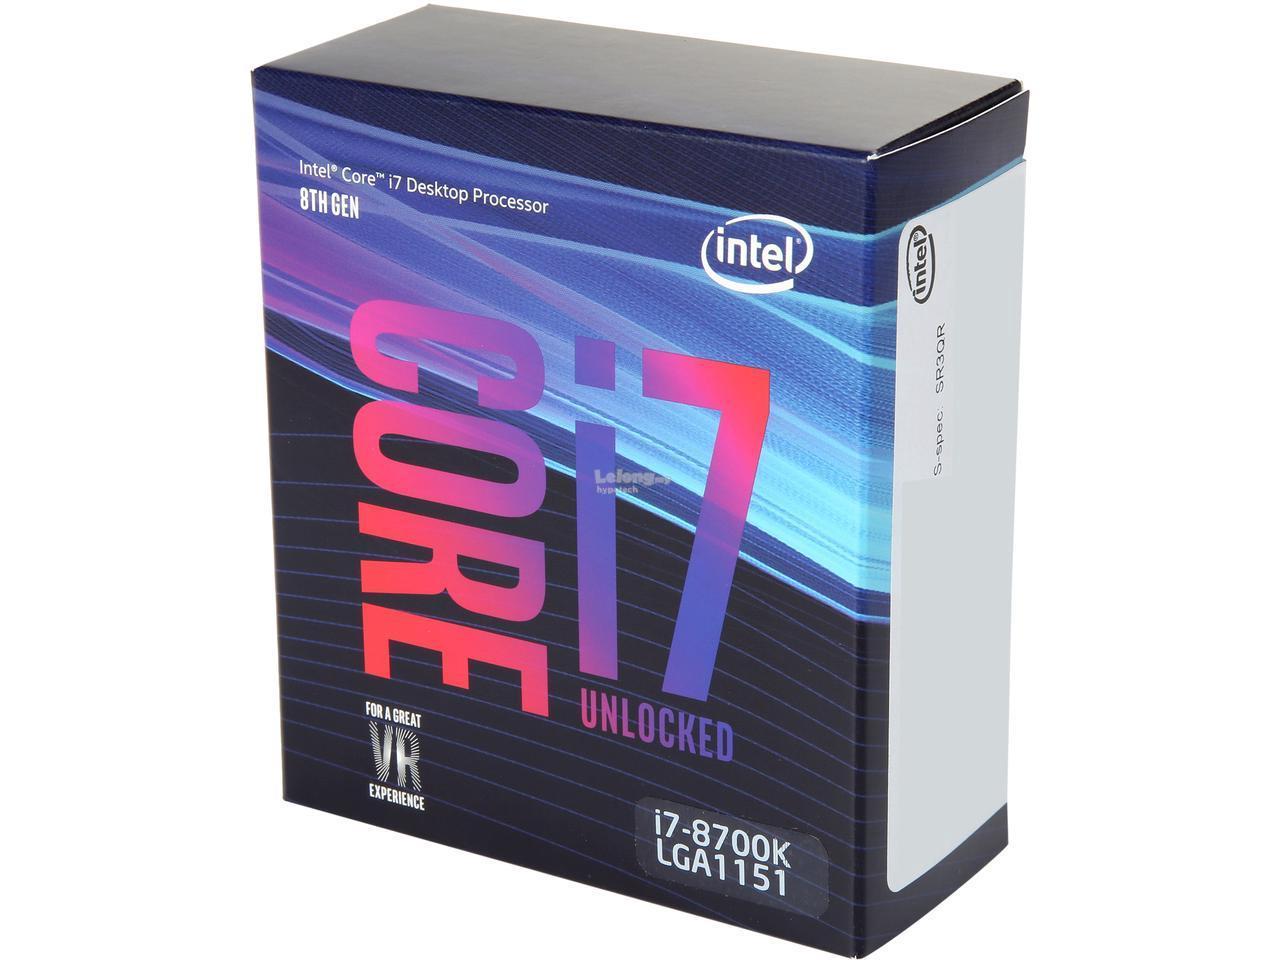 Επεξεργαστής Intel i7 8700K 3.7Ghz LGA1151 BX80684I78700K ΧΩΡΙΣ ΨΥΚΤΡΑ image